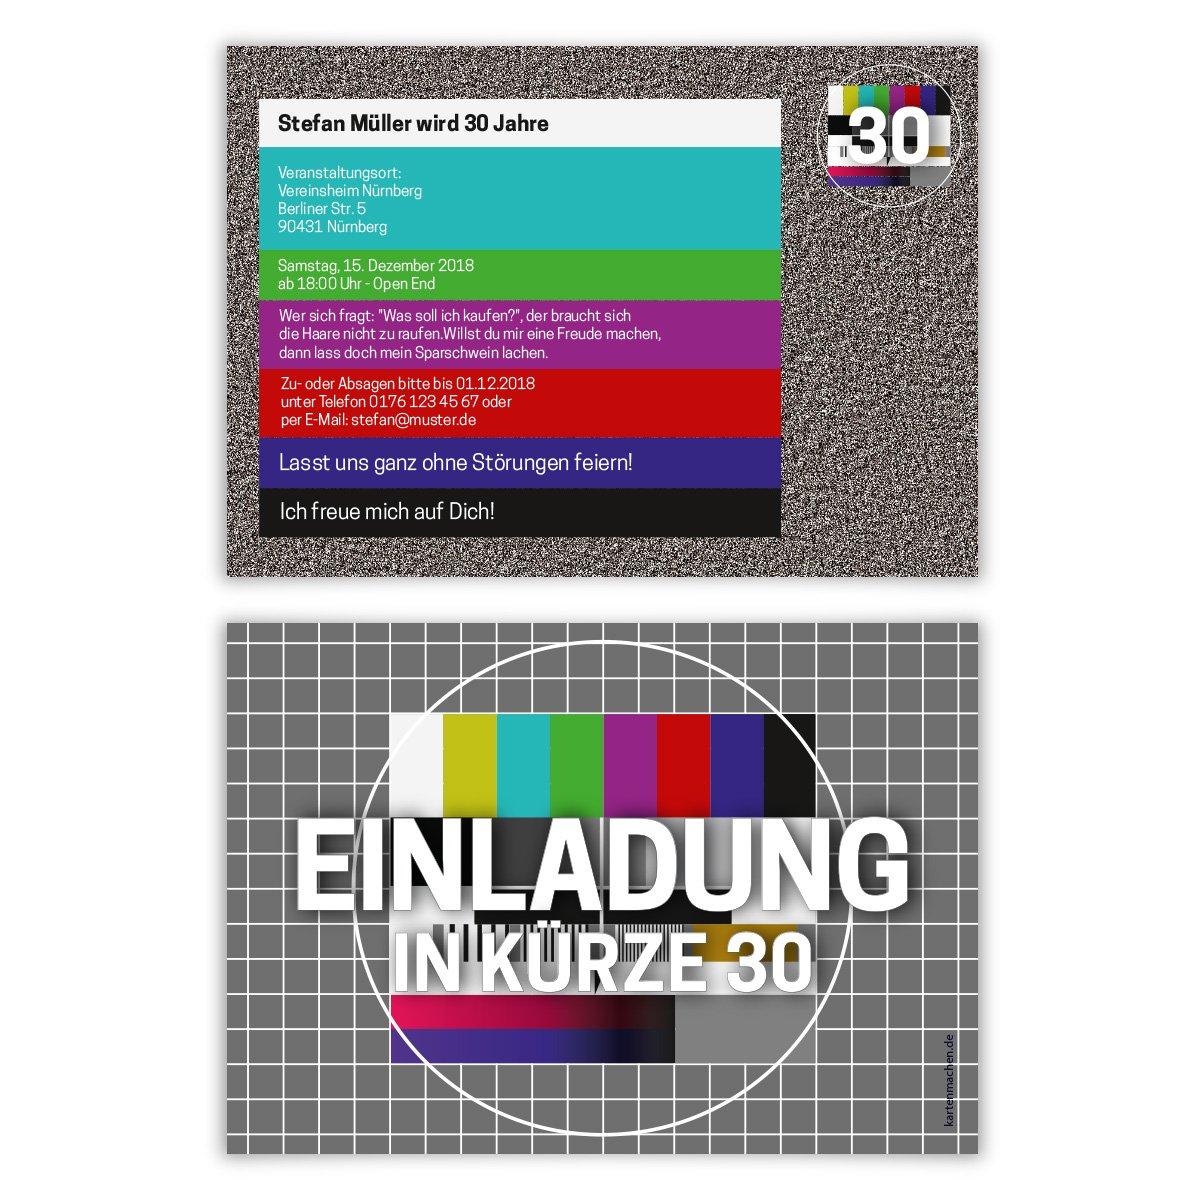 10 x Geburtstag Einladungskarten Geburtstagseinladung Einladungen Karten - TV Signalstörung Rauschen Kartenmachen.de